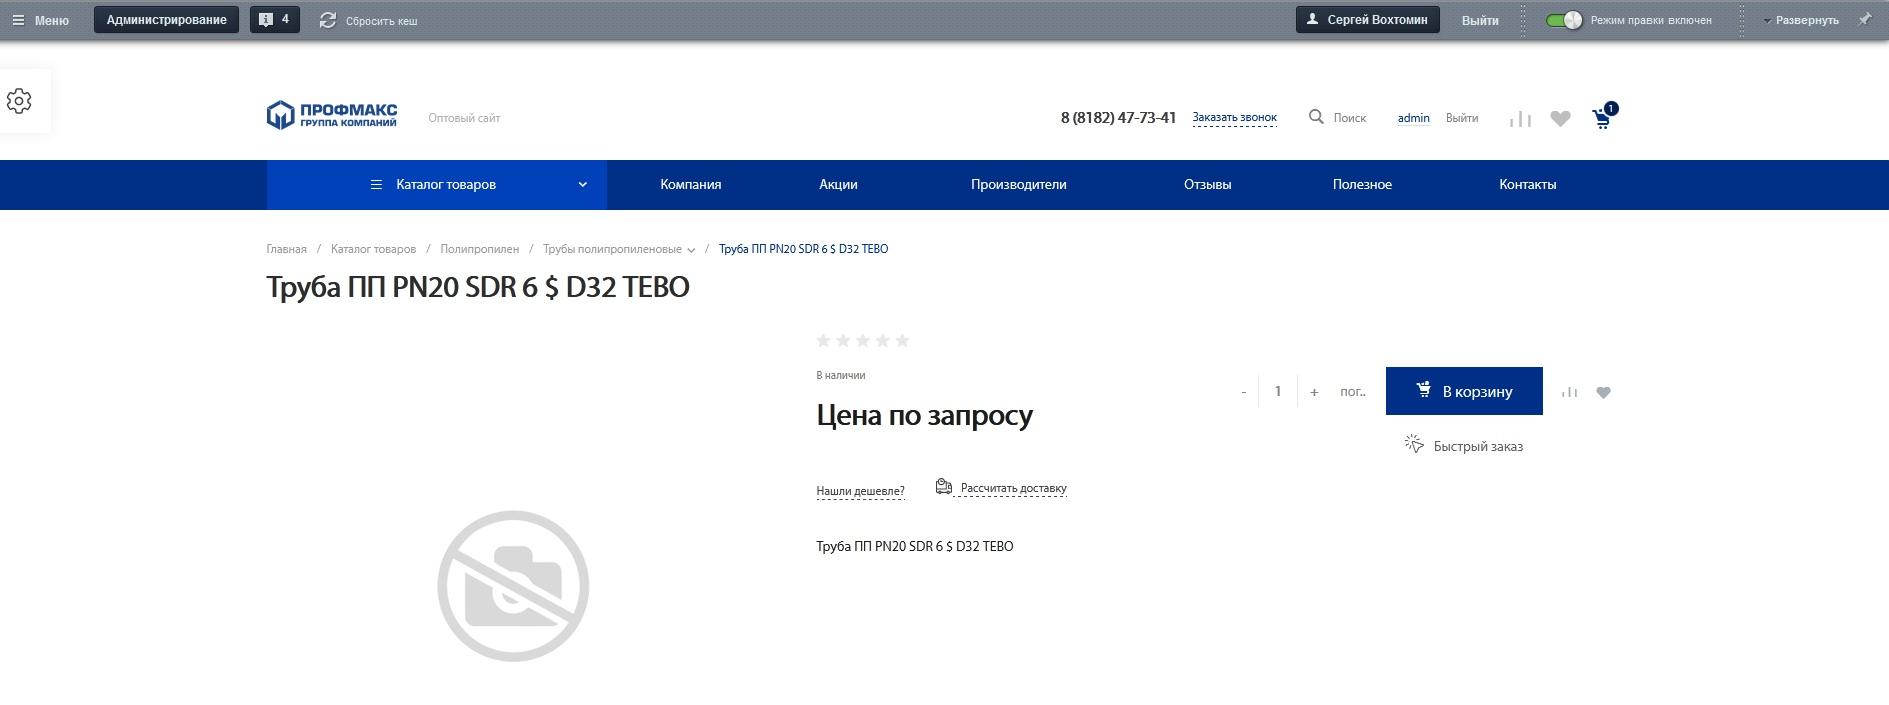 Модификация сайта на Битриксе